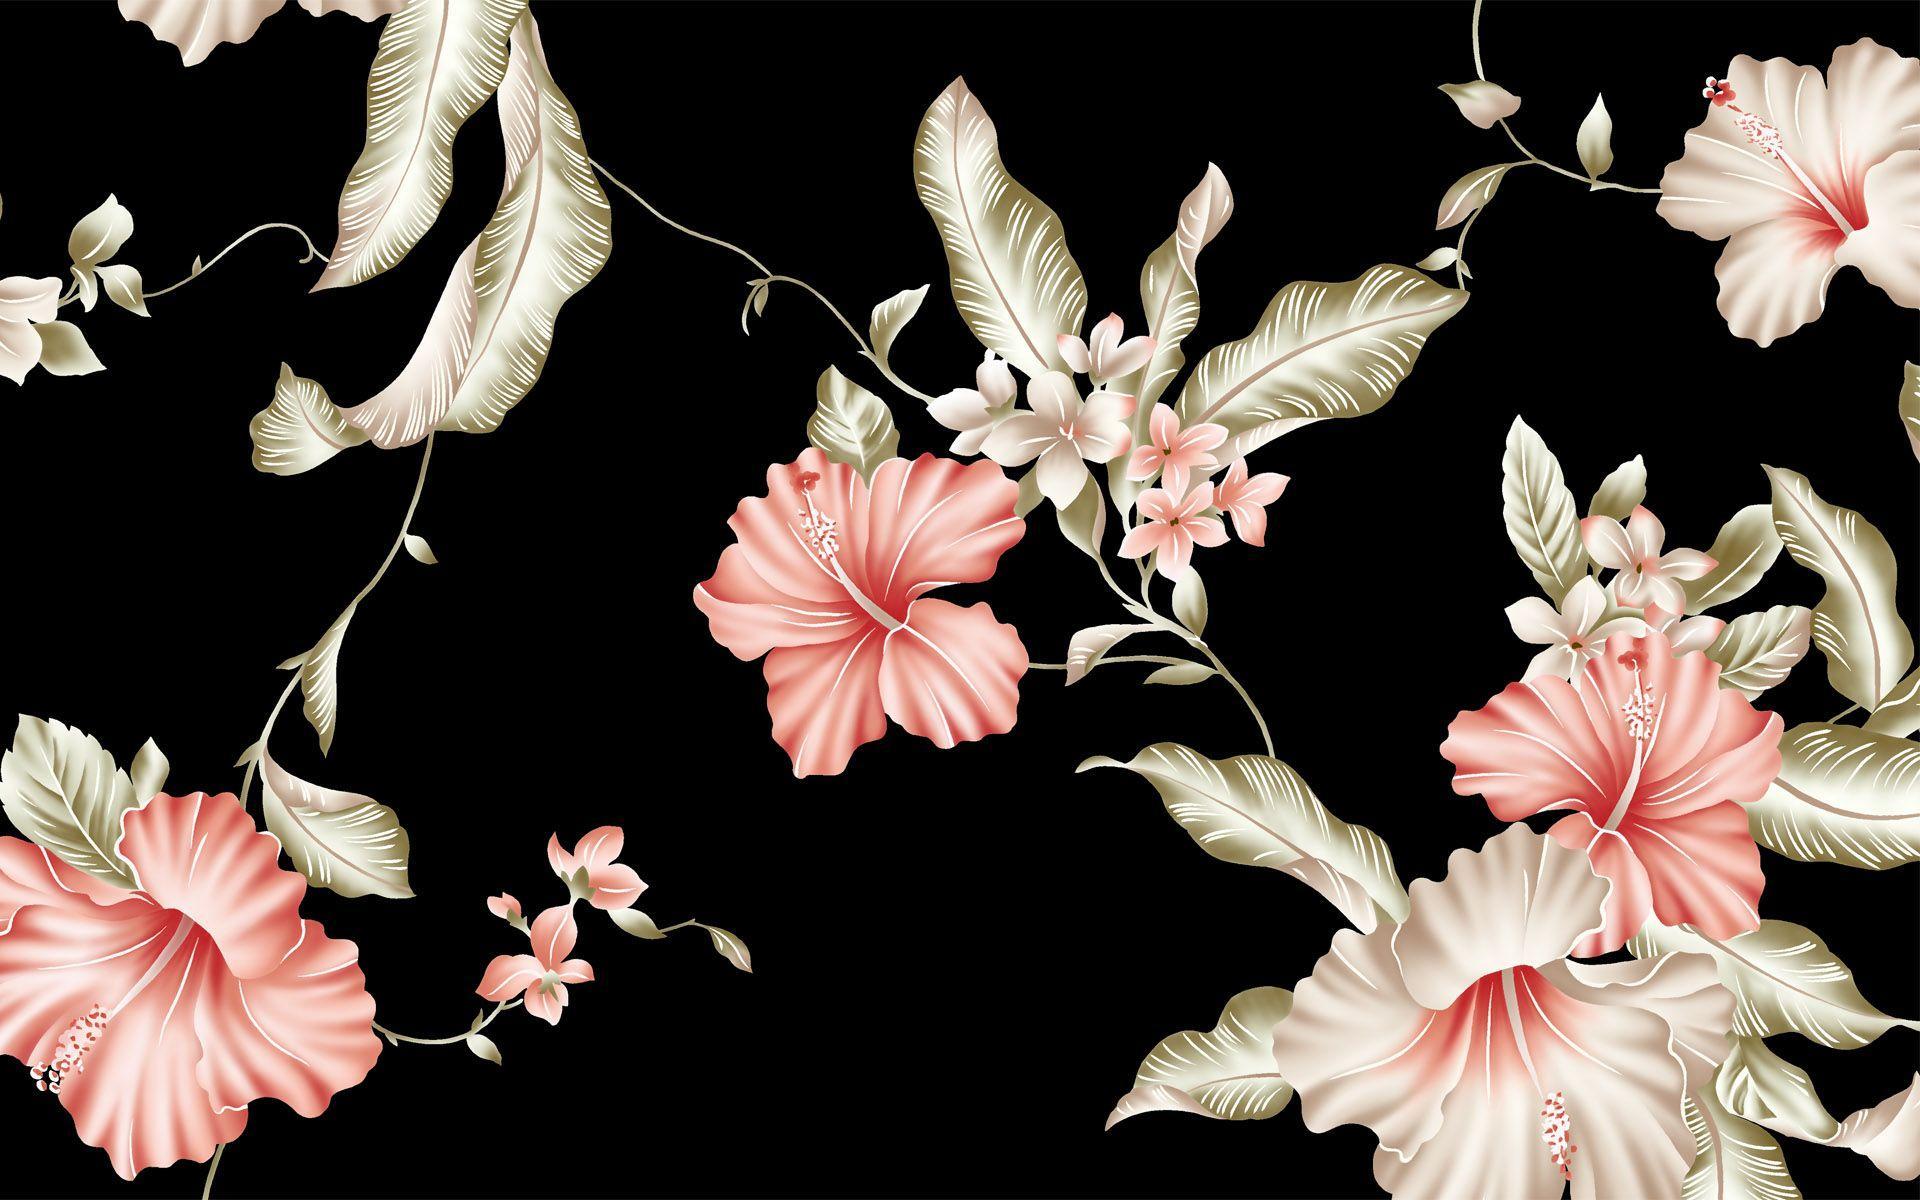 Hibiscus Wallpaper 5   1920 X 1200 stmednet 1920x1200